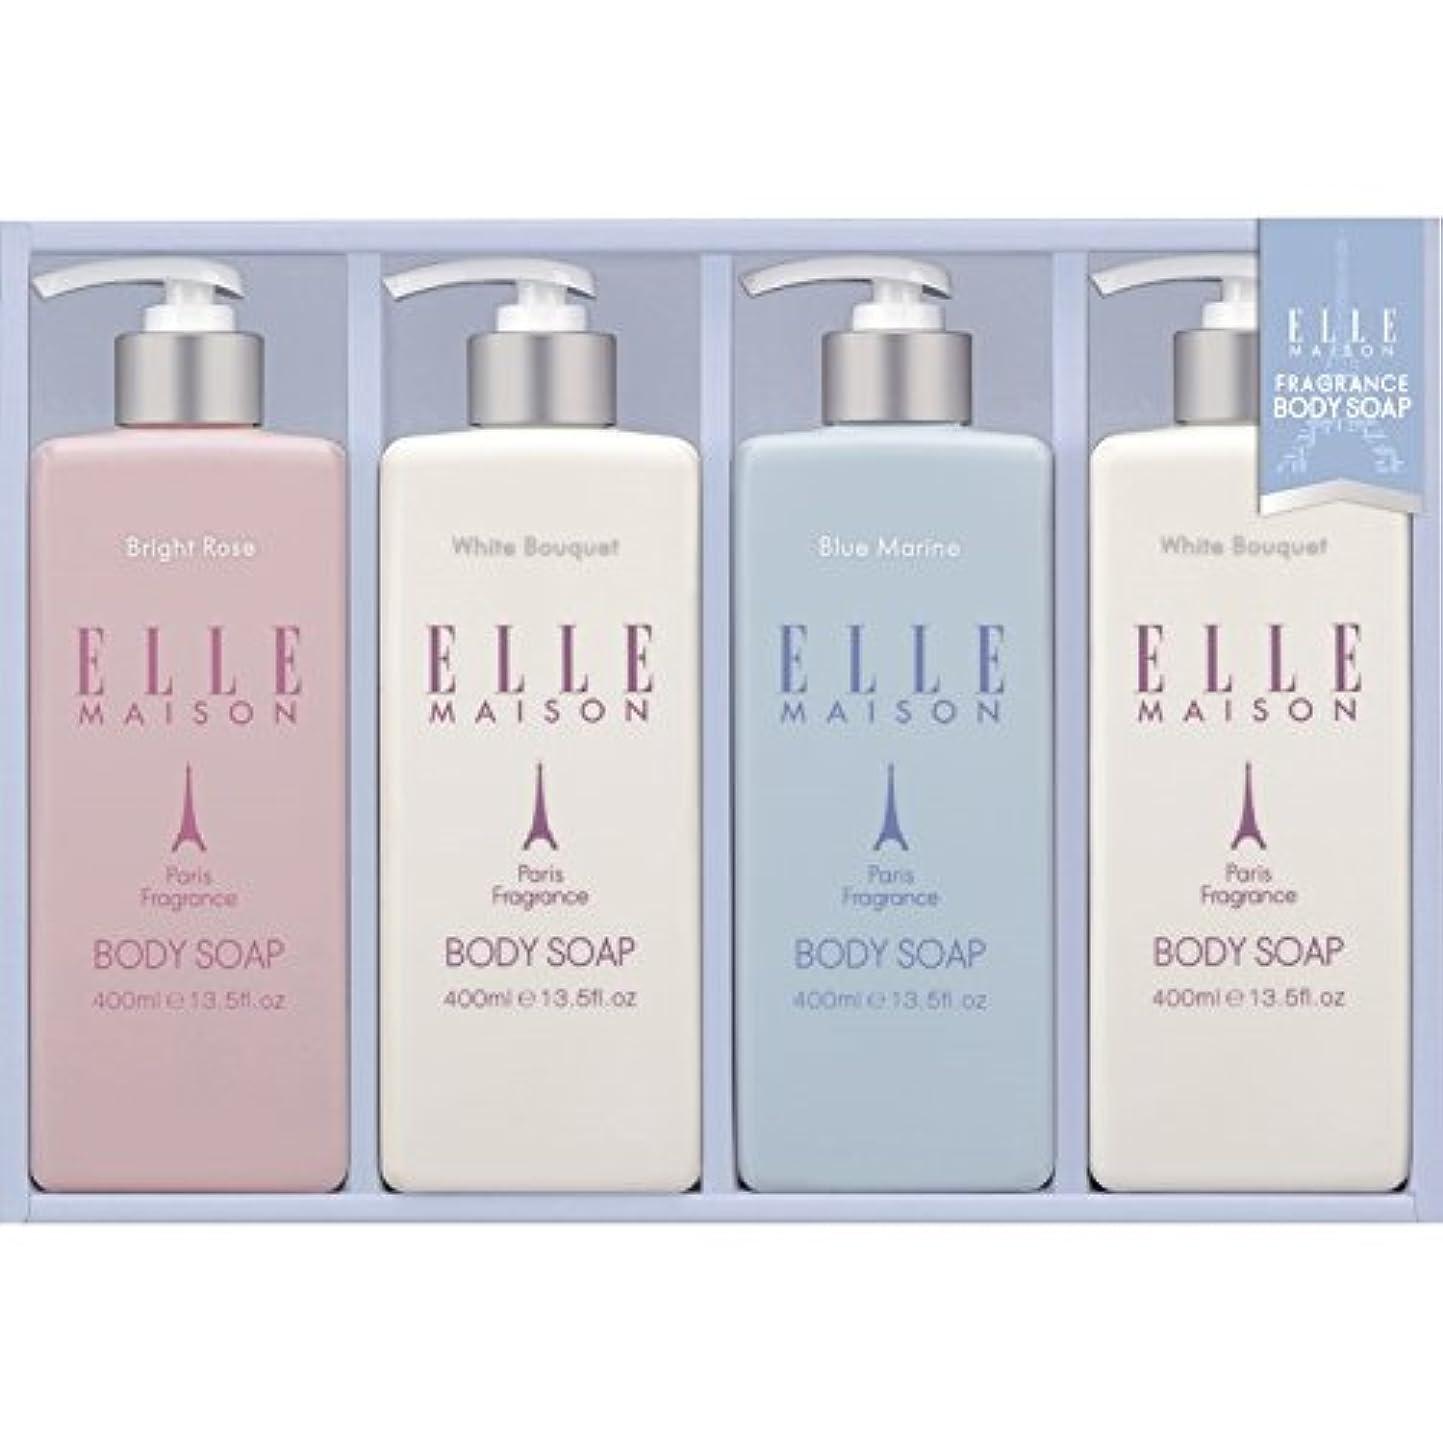 基礎理論インシュレータ急降下ELLE MAISON ボディソープギフト EBS-20 【保湿 いい匂い うるおい 液体 しっとり 良い香り やさしい 女性 贅沢 全身 美肌 詰め合わせ お風呂 バスタイム 洗う 美容】